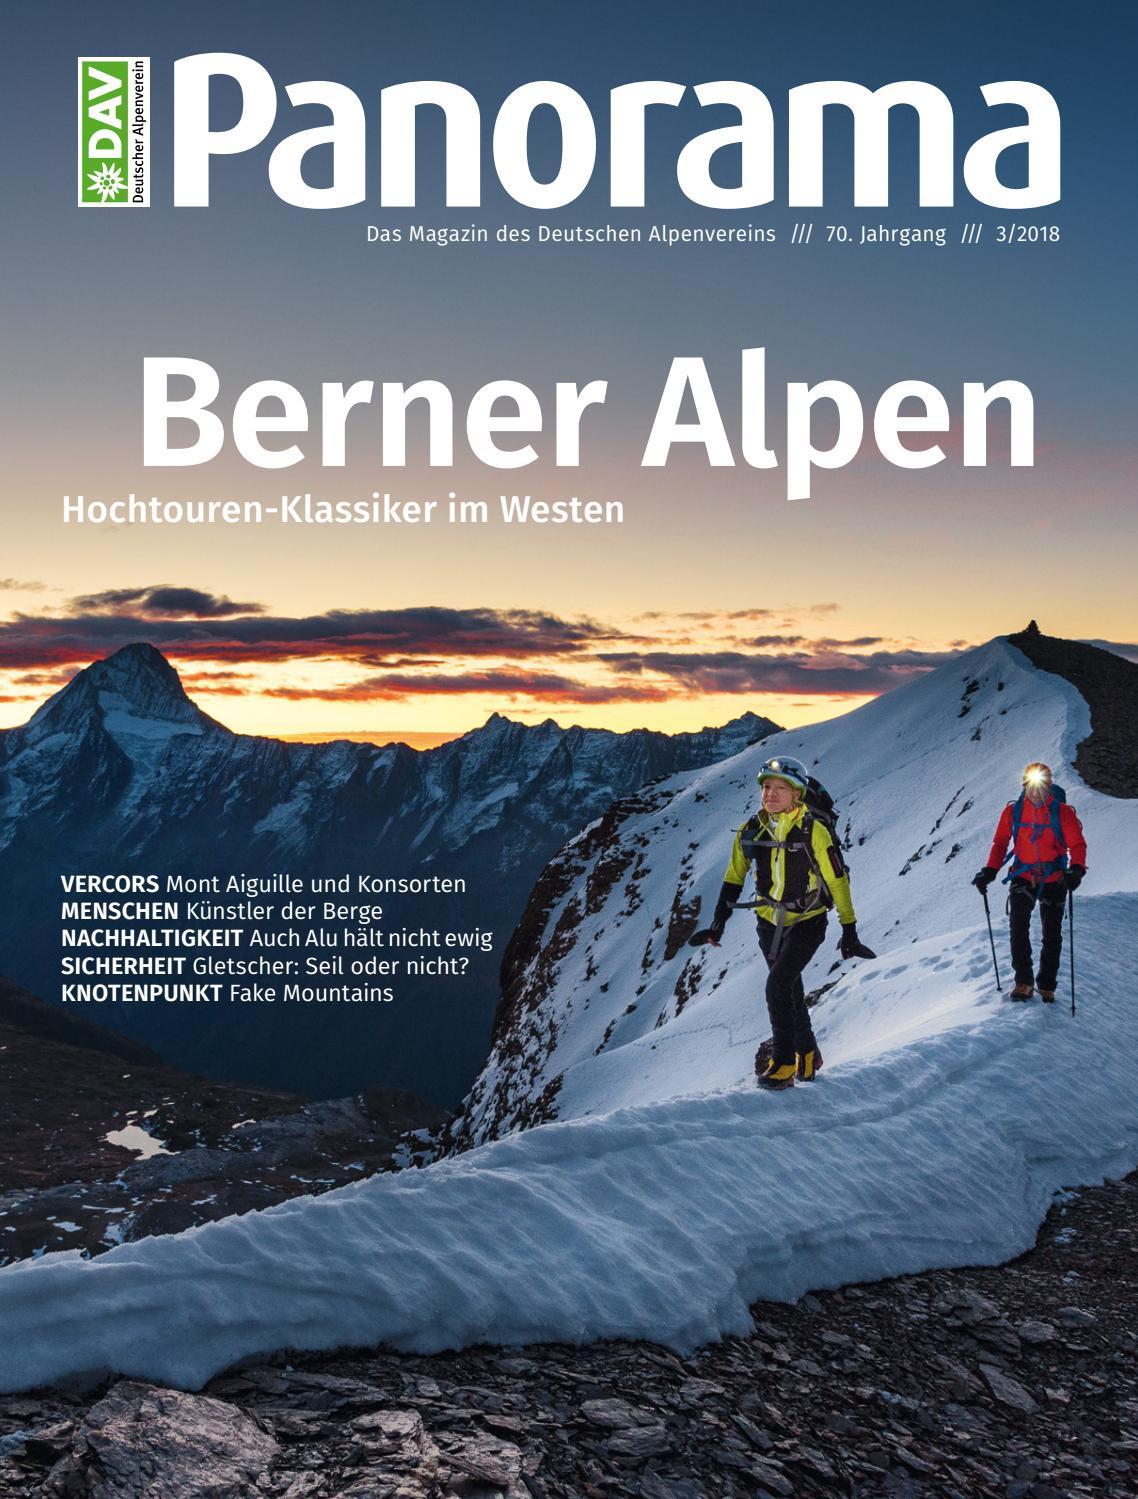 DAV Panorama 3/2018 by Deutscher Alpenverein e.V. - issuu